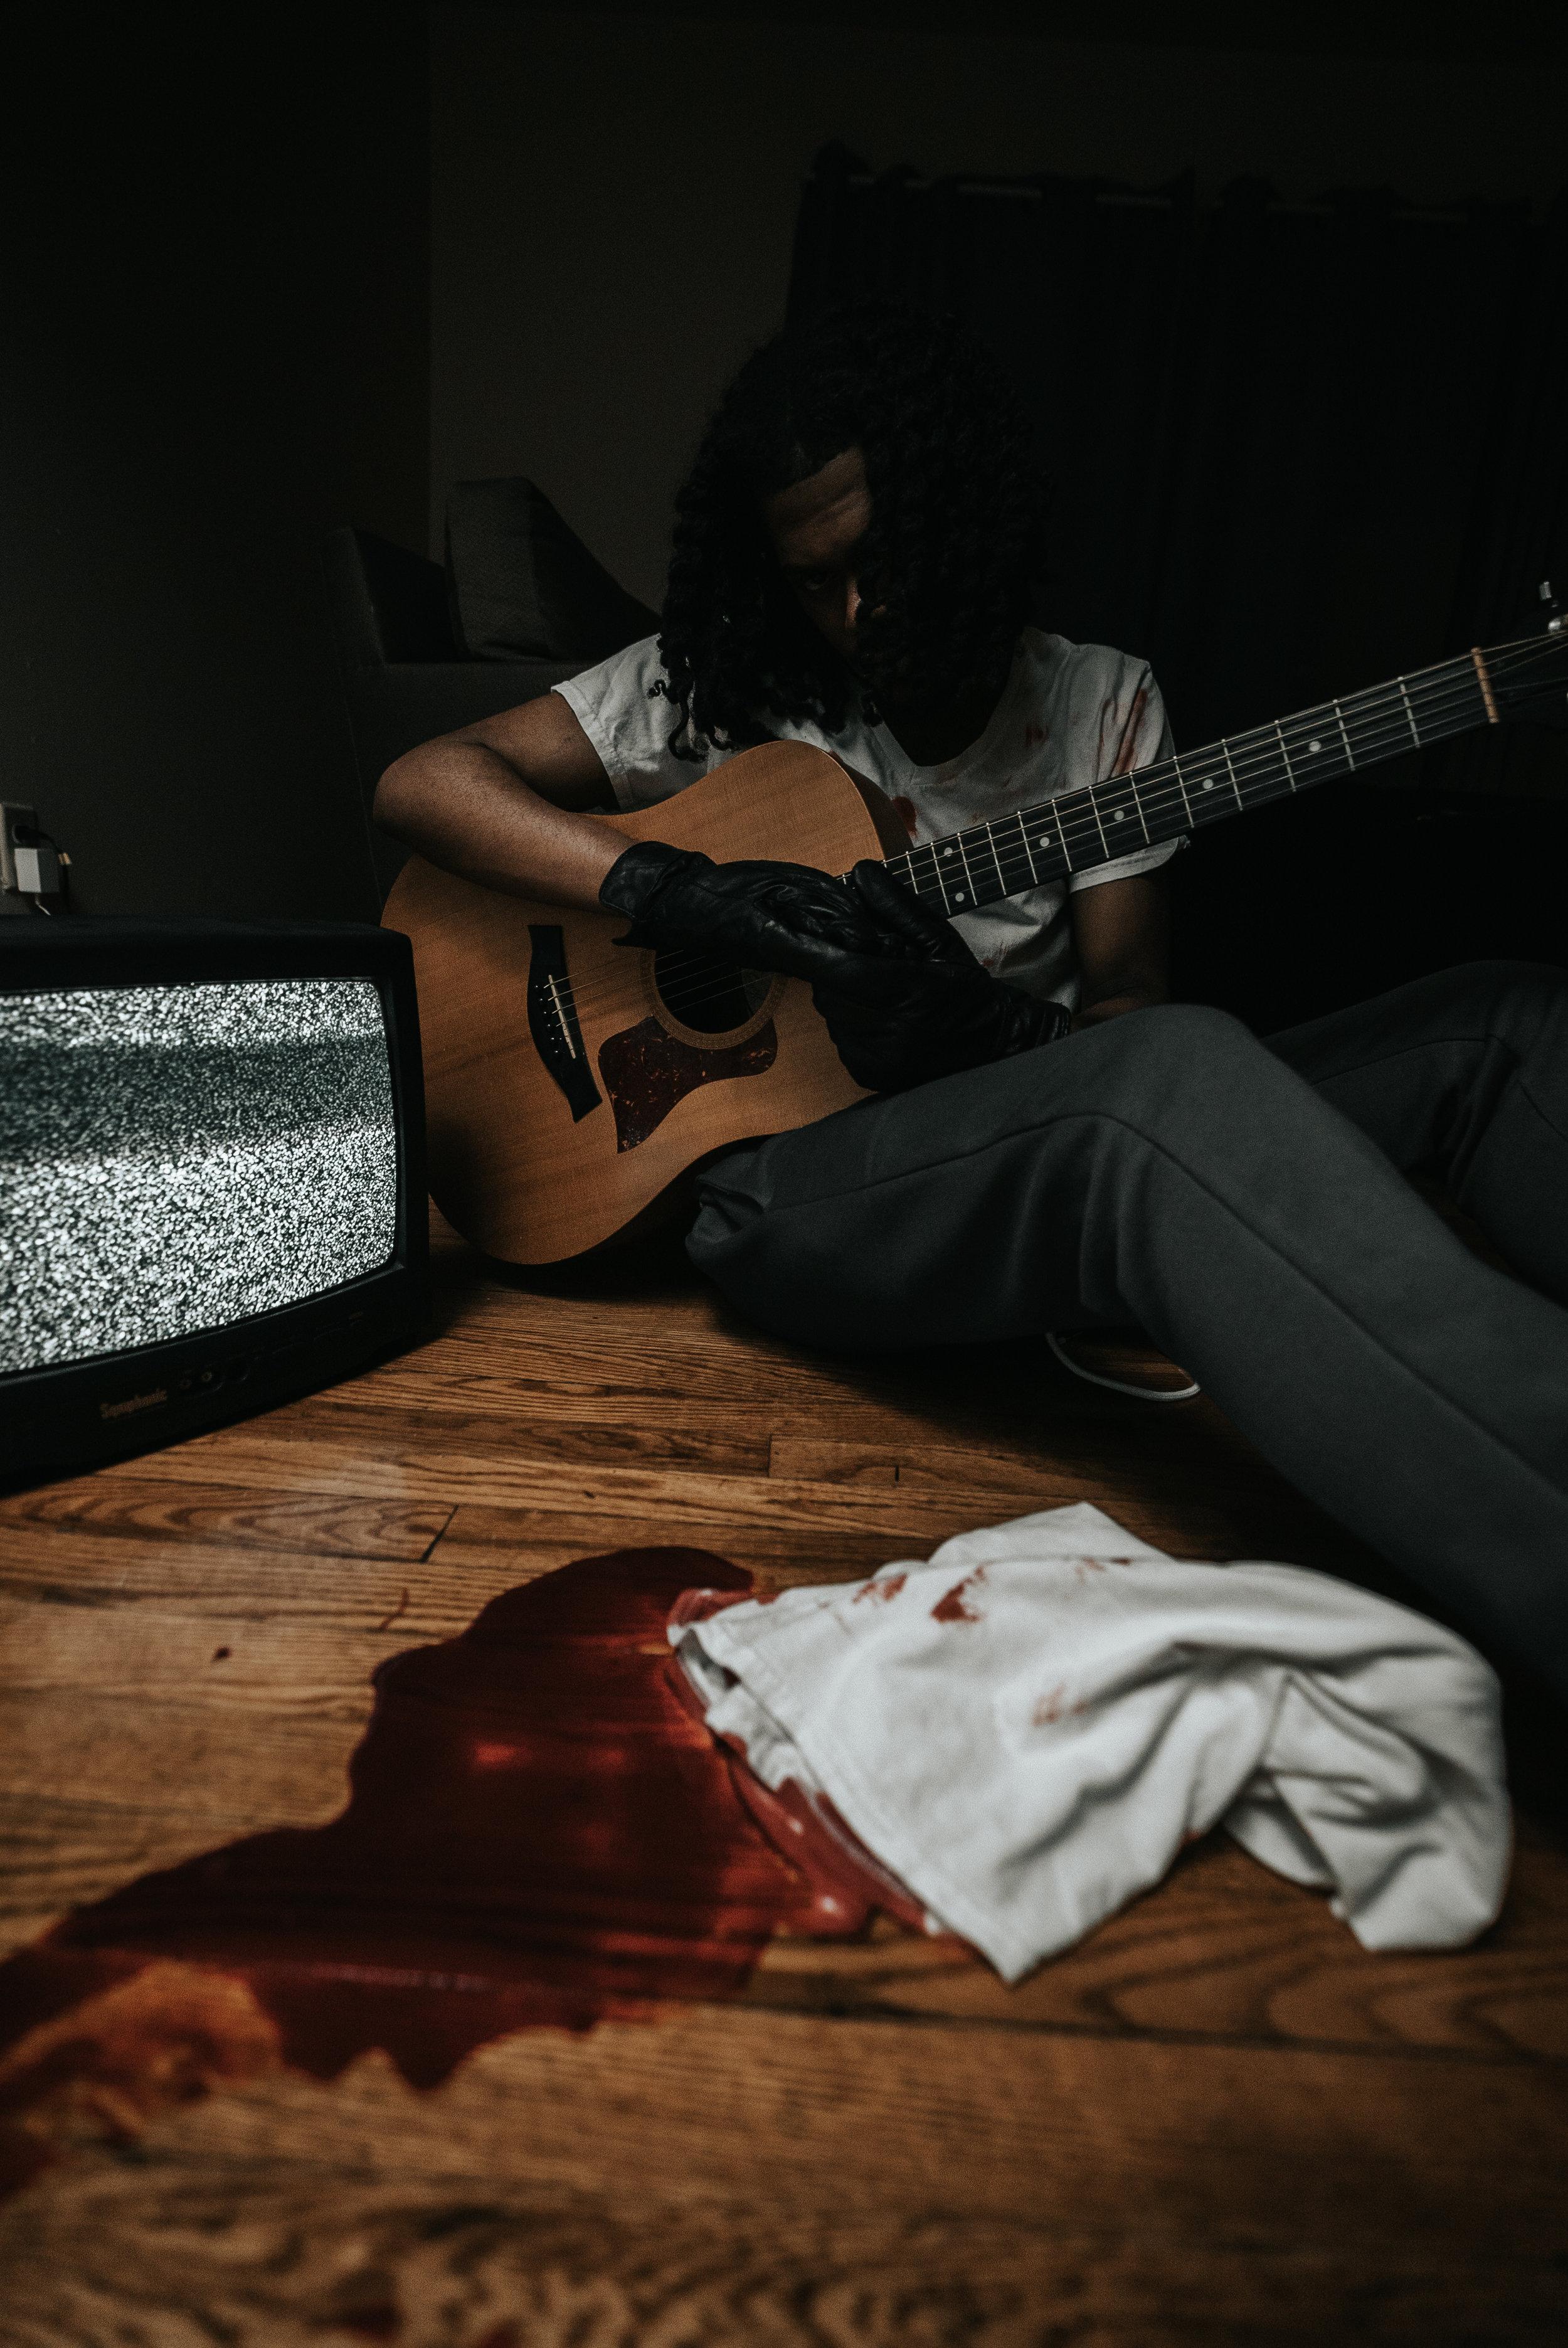 ghetto guitar